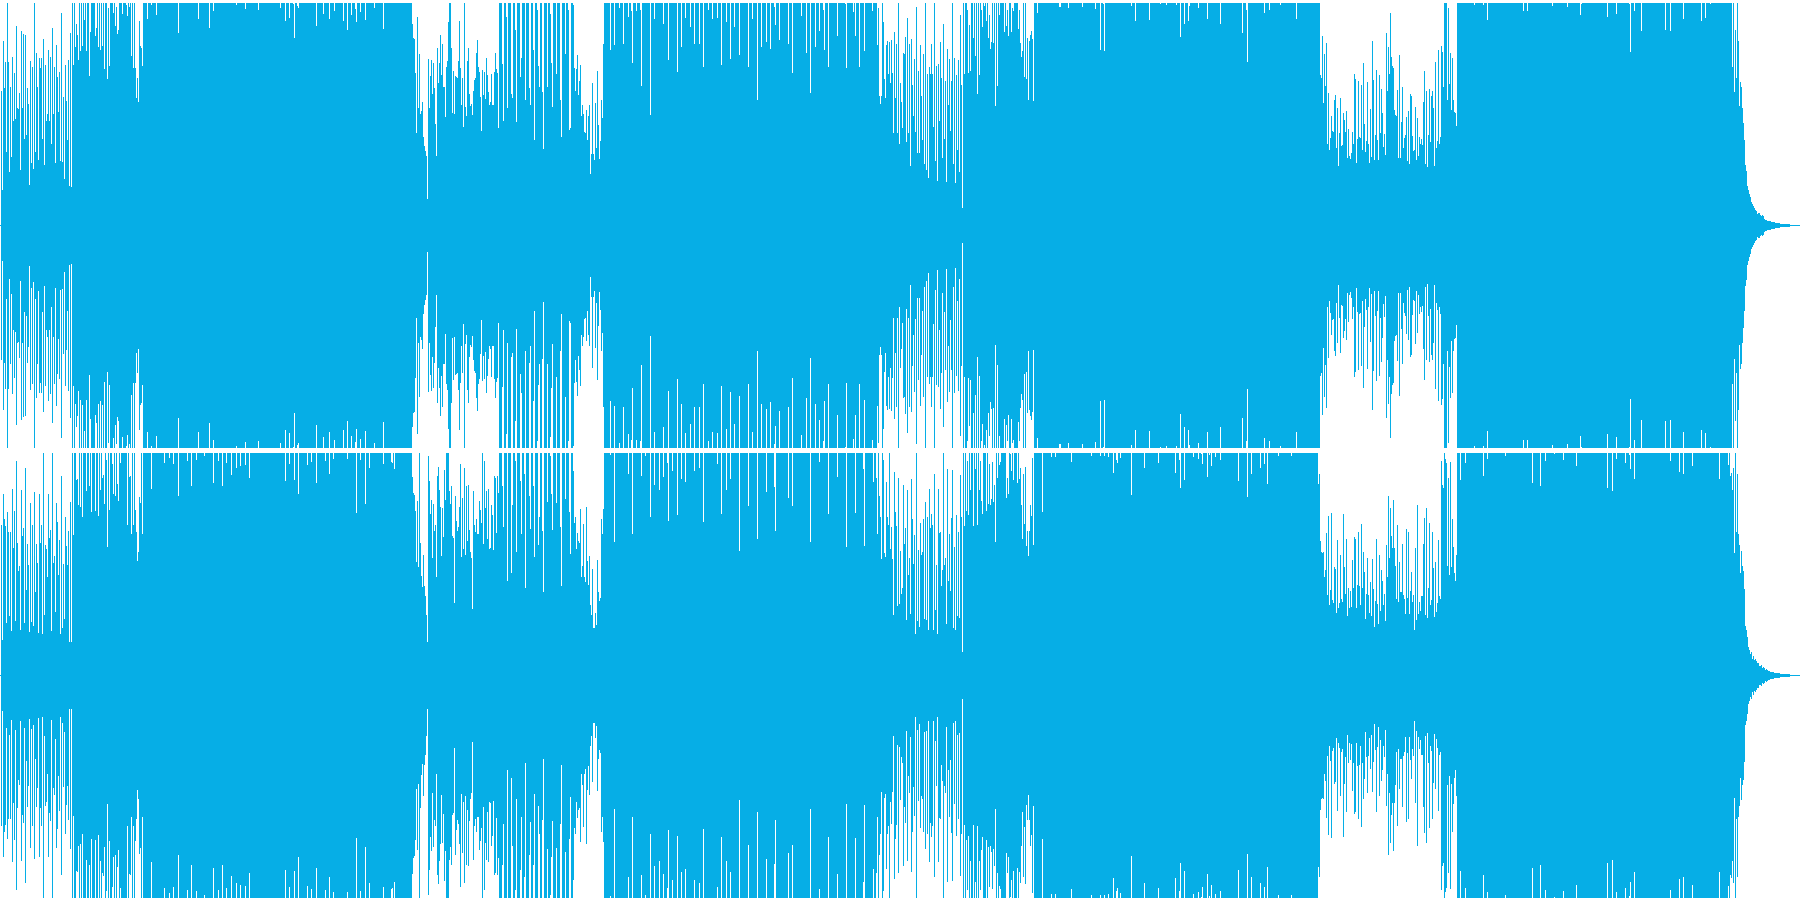 ゲーム用楽しいシンセ楽曲のEDMの再生済みの波形